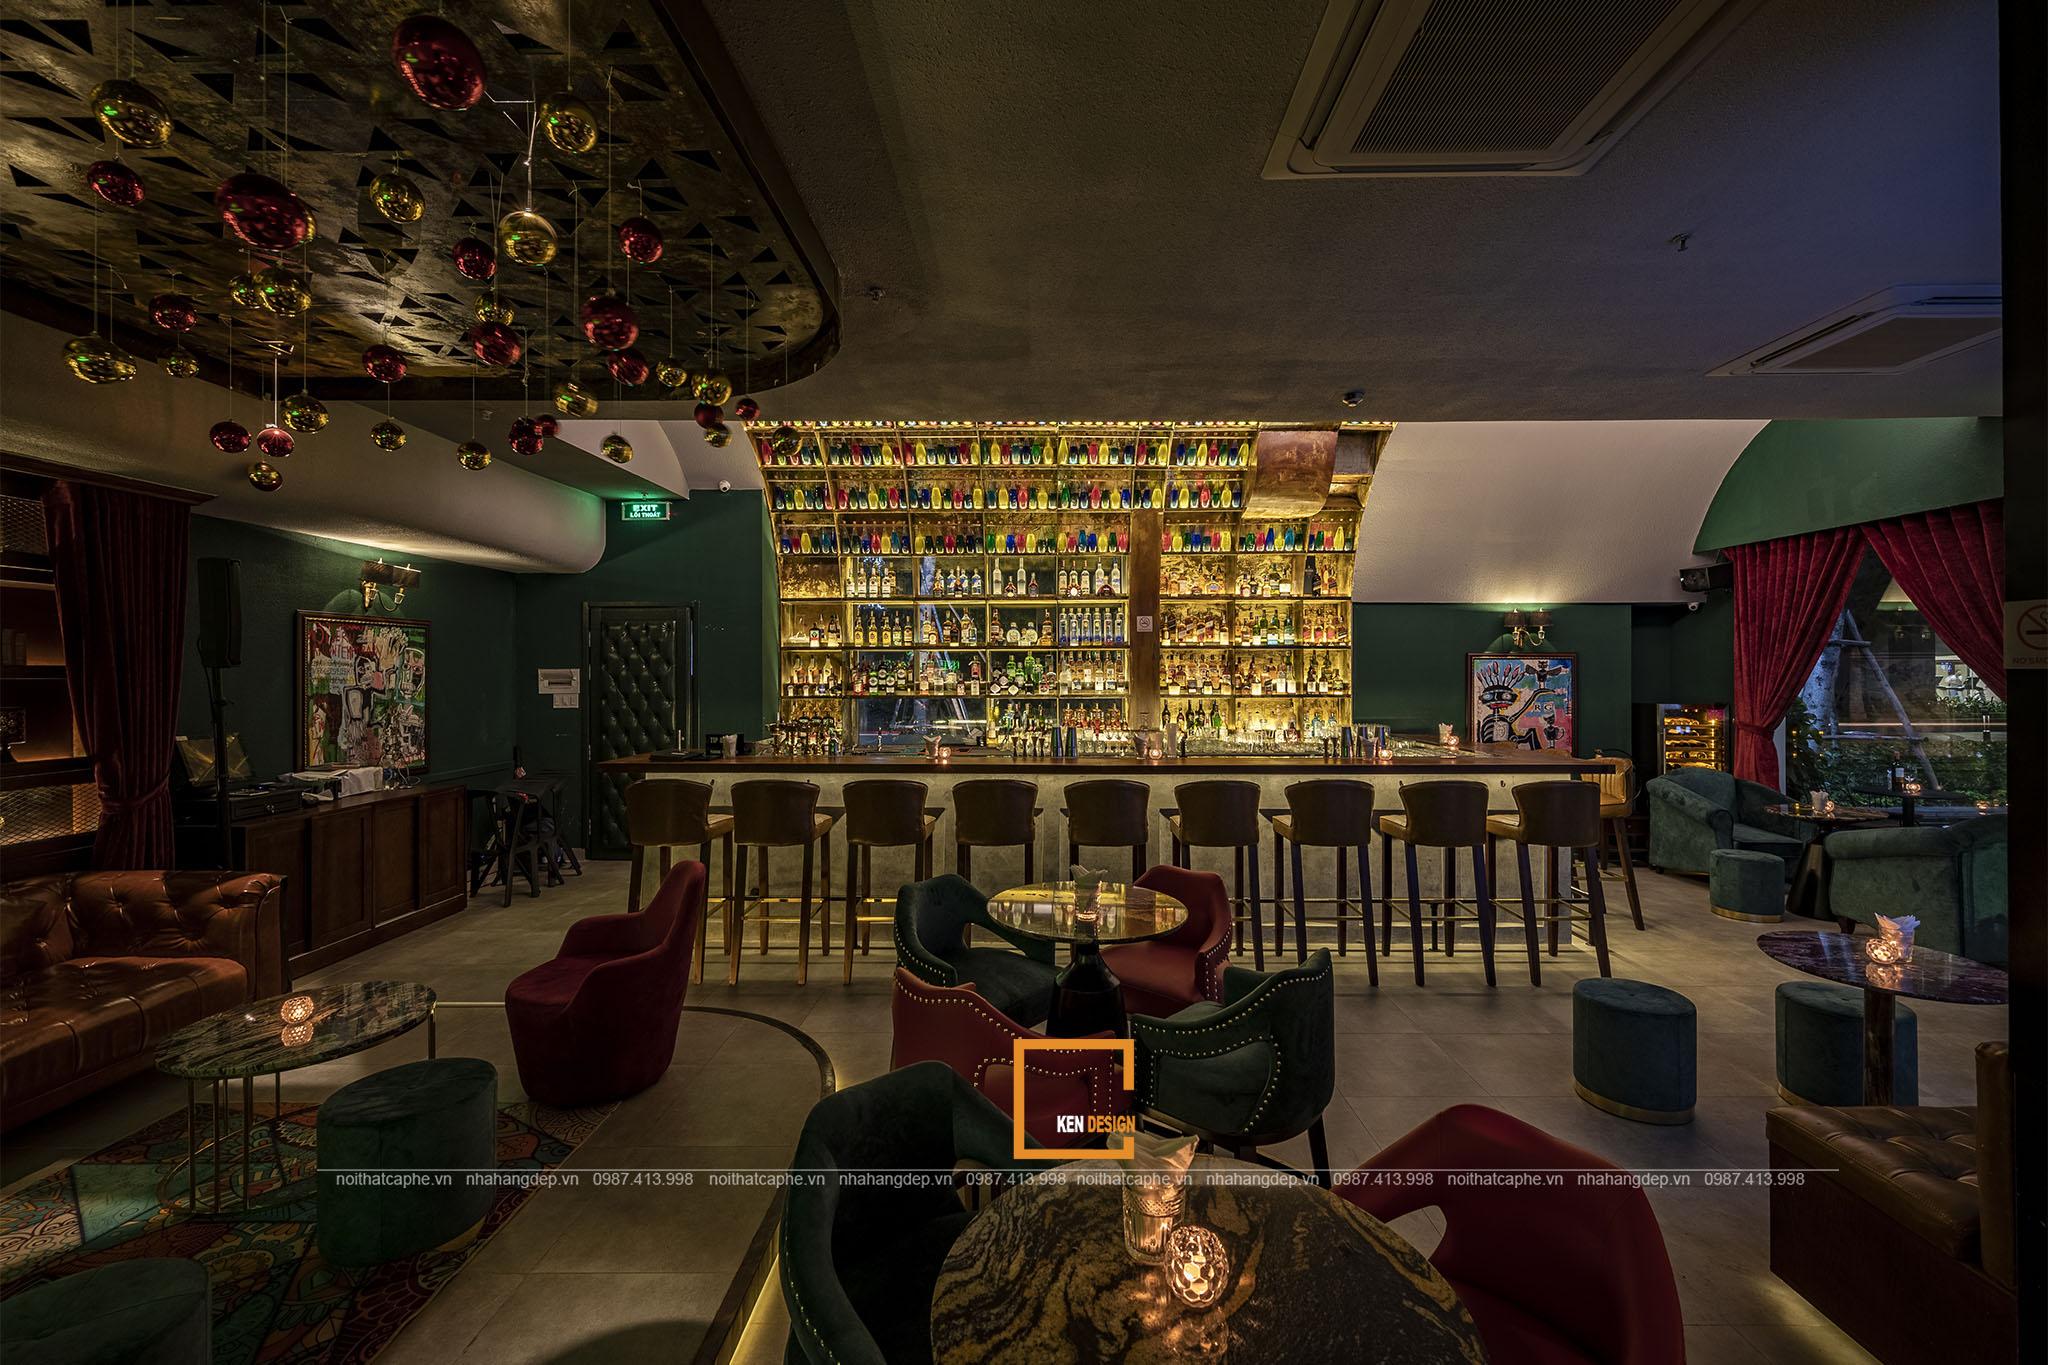 Tư vấn thiết kế bar club – không gian giải trí đặc sắc cho người hiện đại